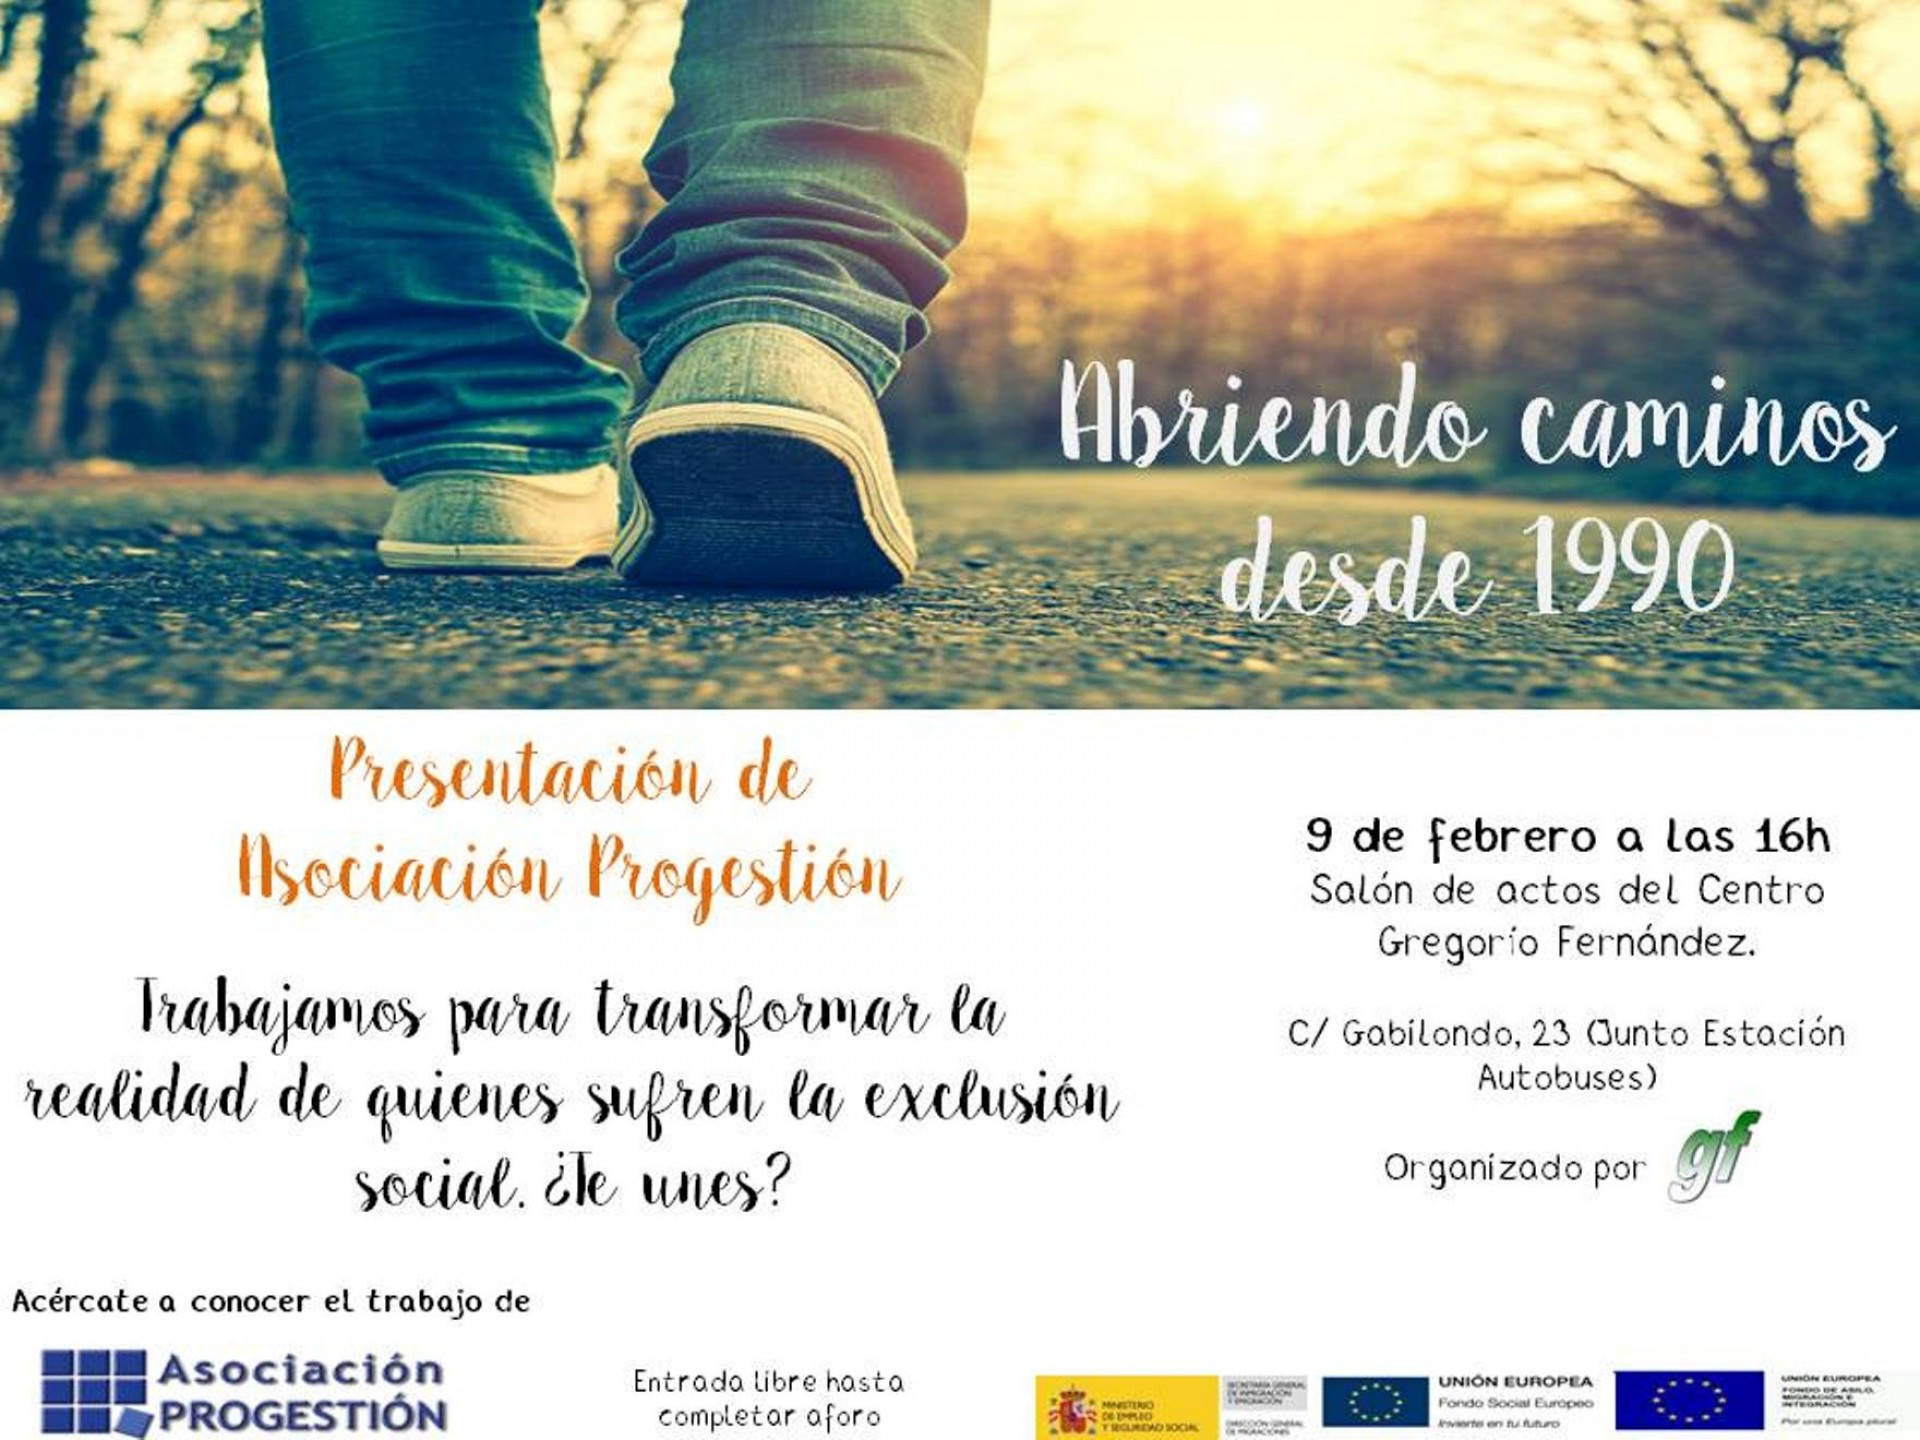 La Asociación Progestión propone la inserción laboral de 1.000 personas en riesgo de exclusión social en Valladolid y provincia